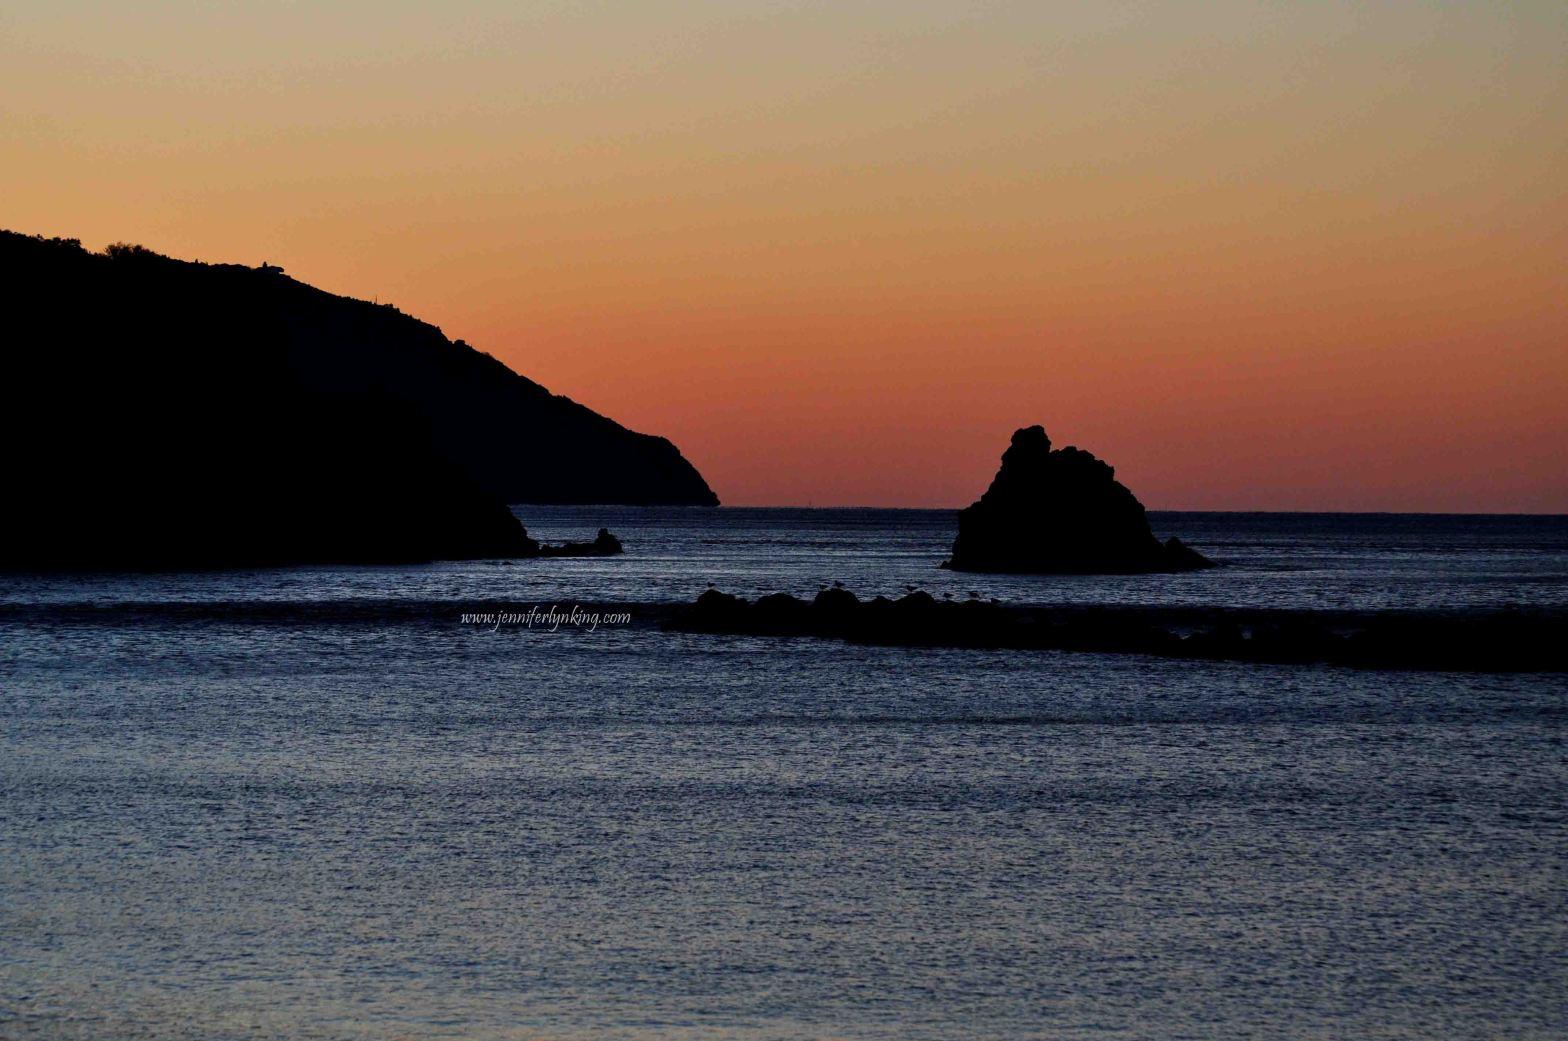 Sunrise at Monterosso al Mare, the Cinque Terre, Italy